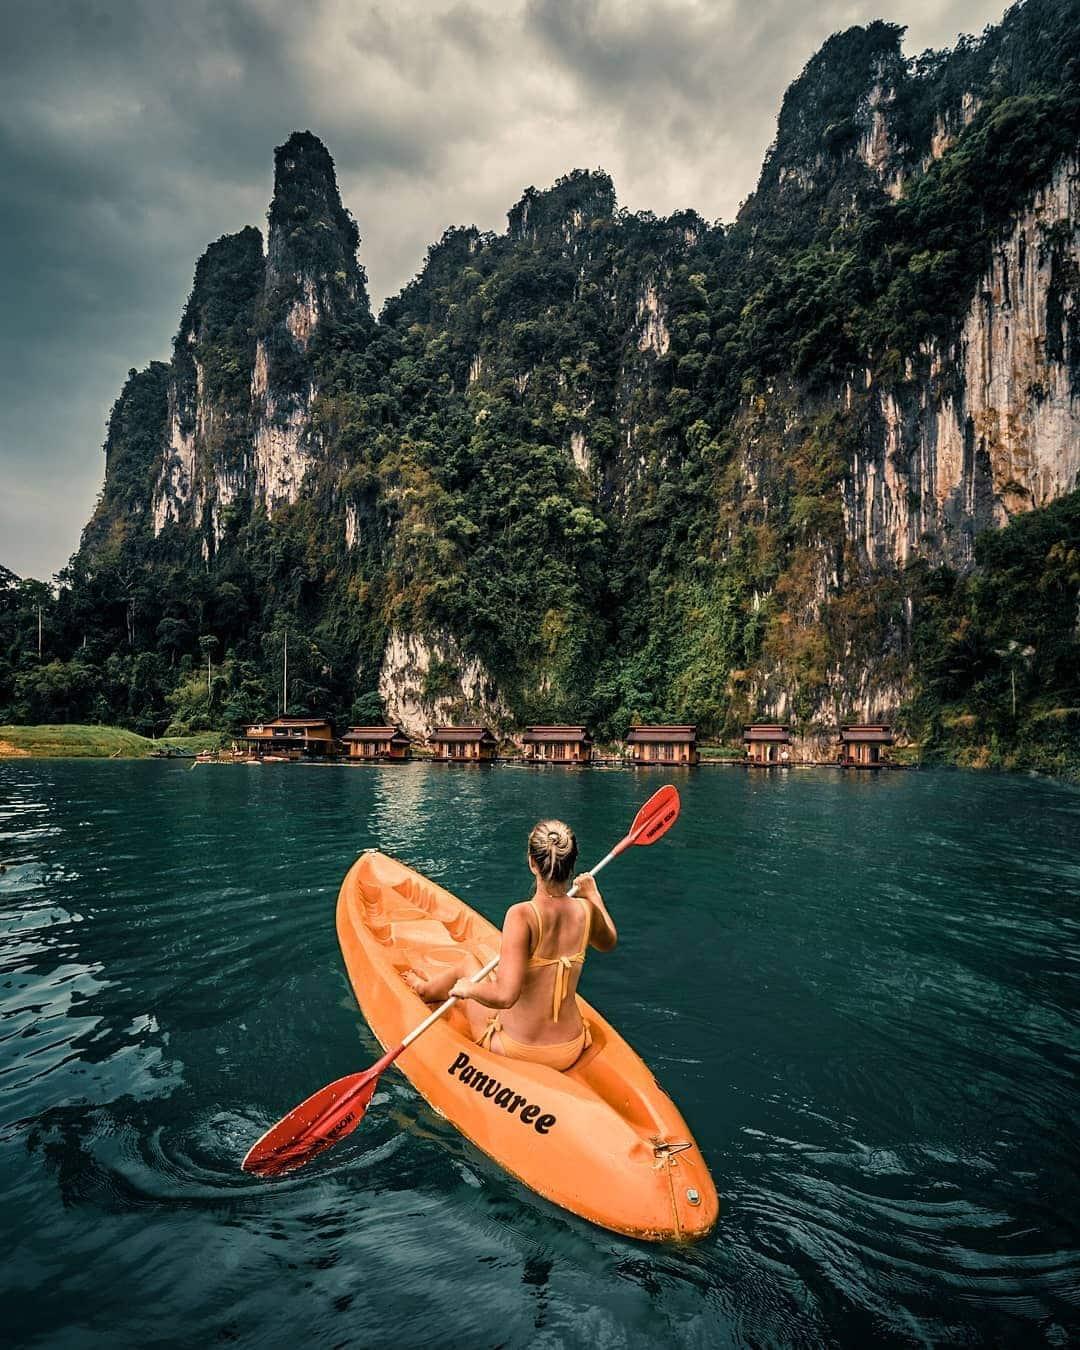 Panvaree Resort2 - 5 สถานที่ท่องเที่ยวของไทย สำหรับสายเฮลตี้ ออกกำลังกายได้แม้ตอนไปเที่ยว